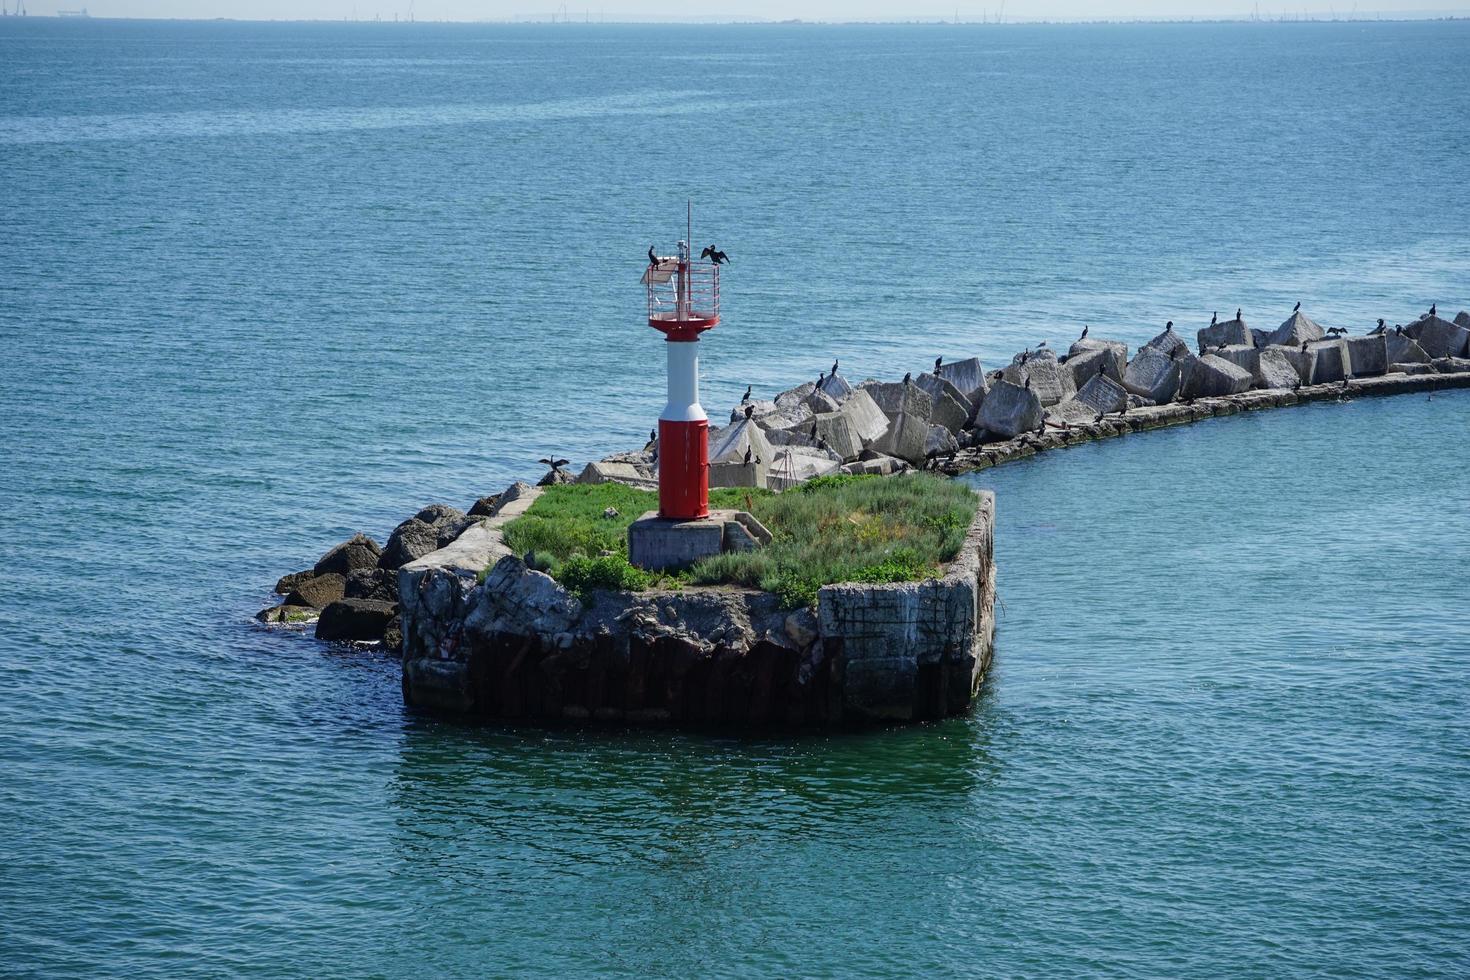 paesaggio marino con vista sul faro e sul cormorano. foto